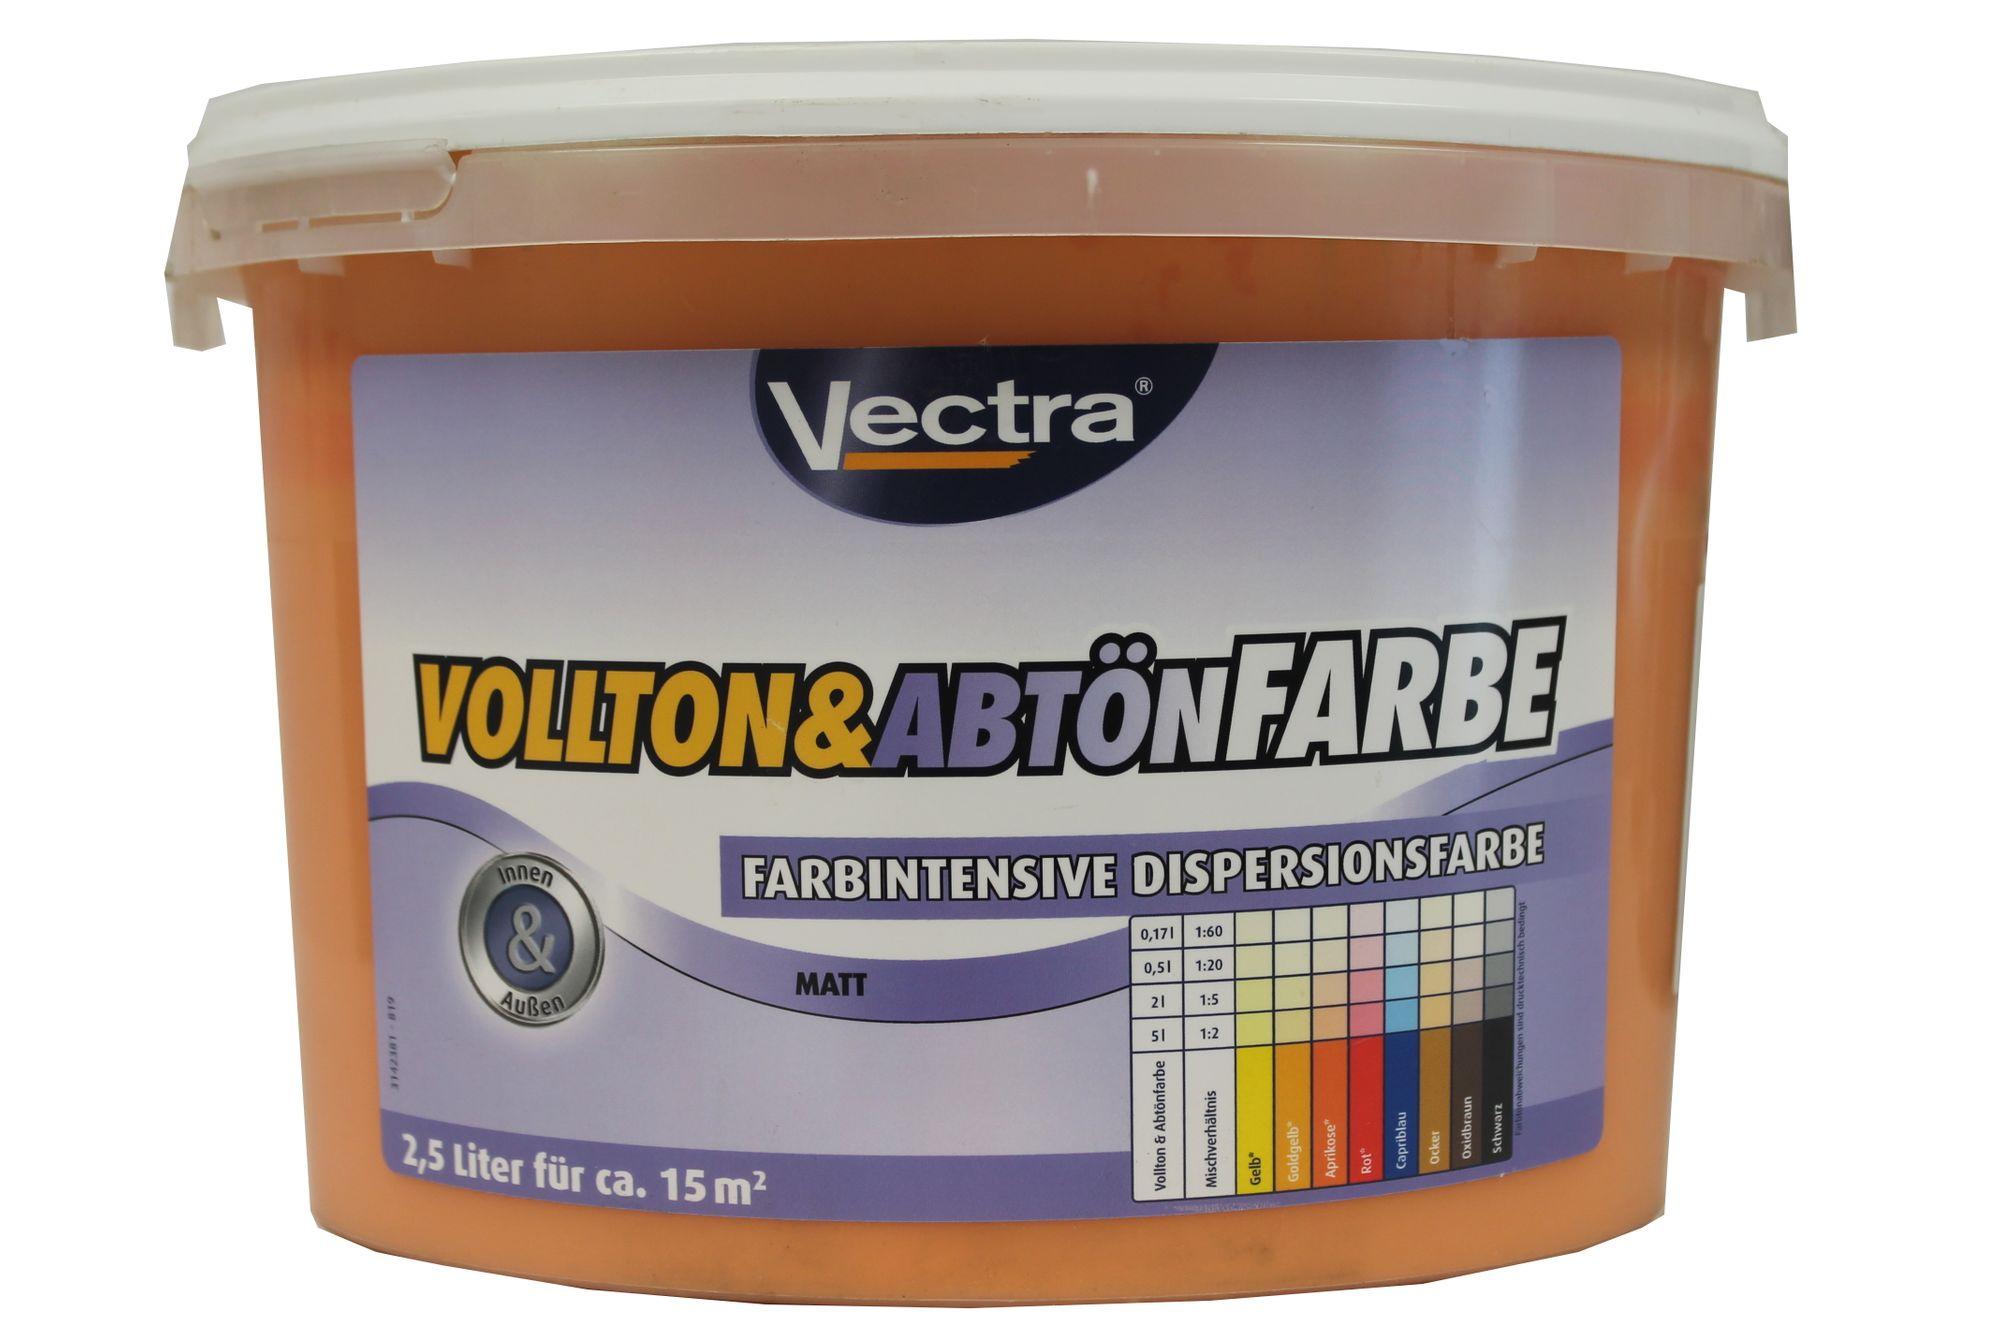 Vectra Vollton Abtonfarbe Farbintensive Dispersionsfarbe Innen